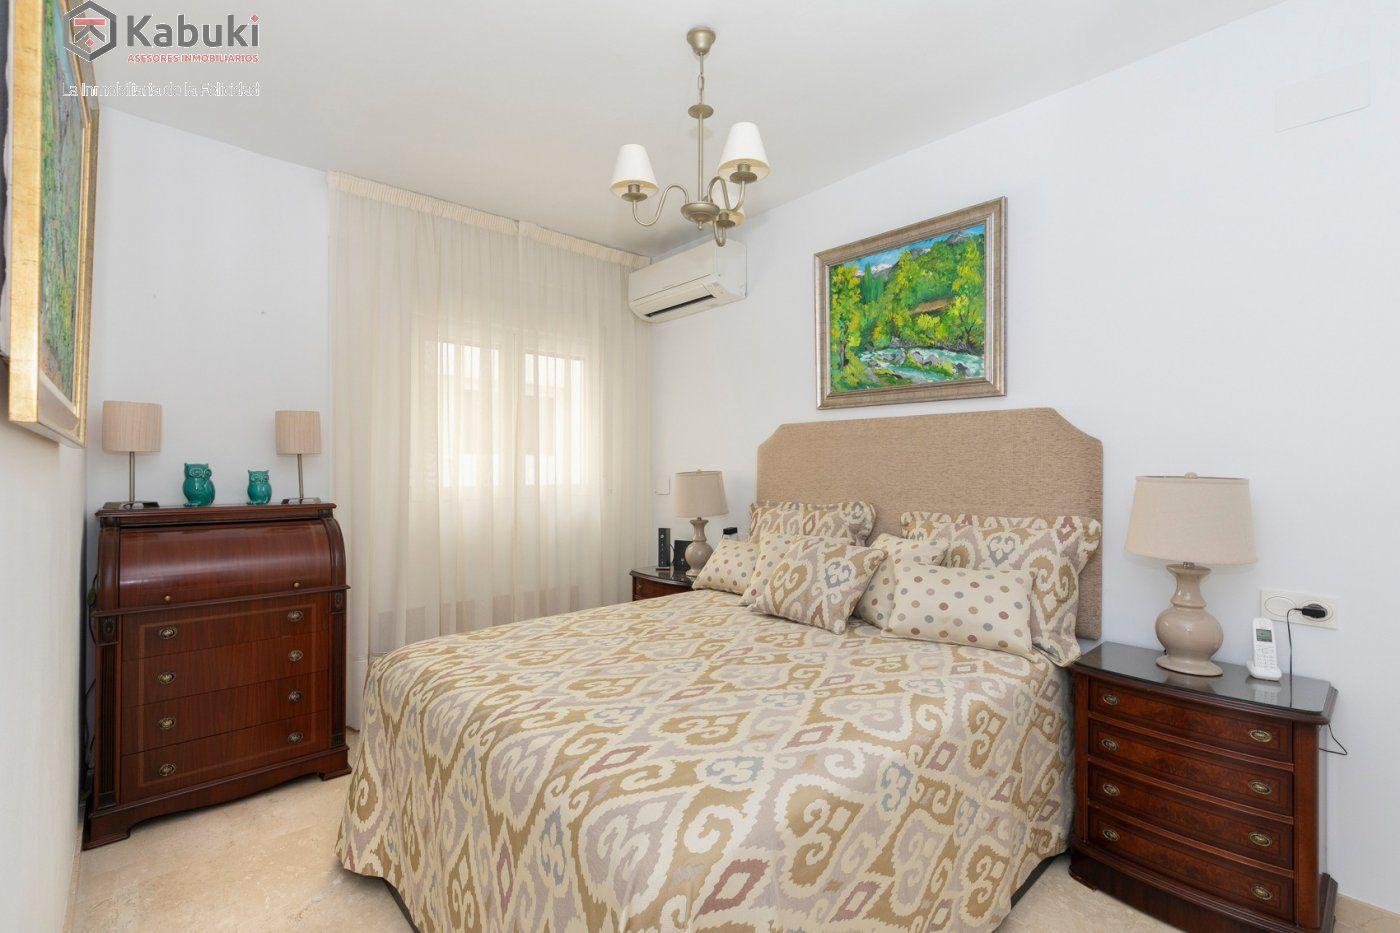 Magnífico piso en zona de recogidas, espacioso y luminoso en planta alta. - imagenInmueble13